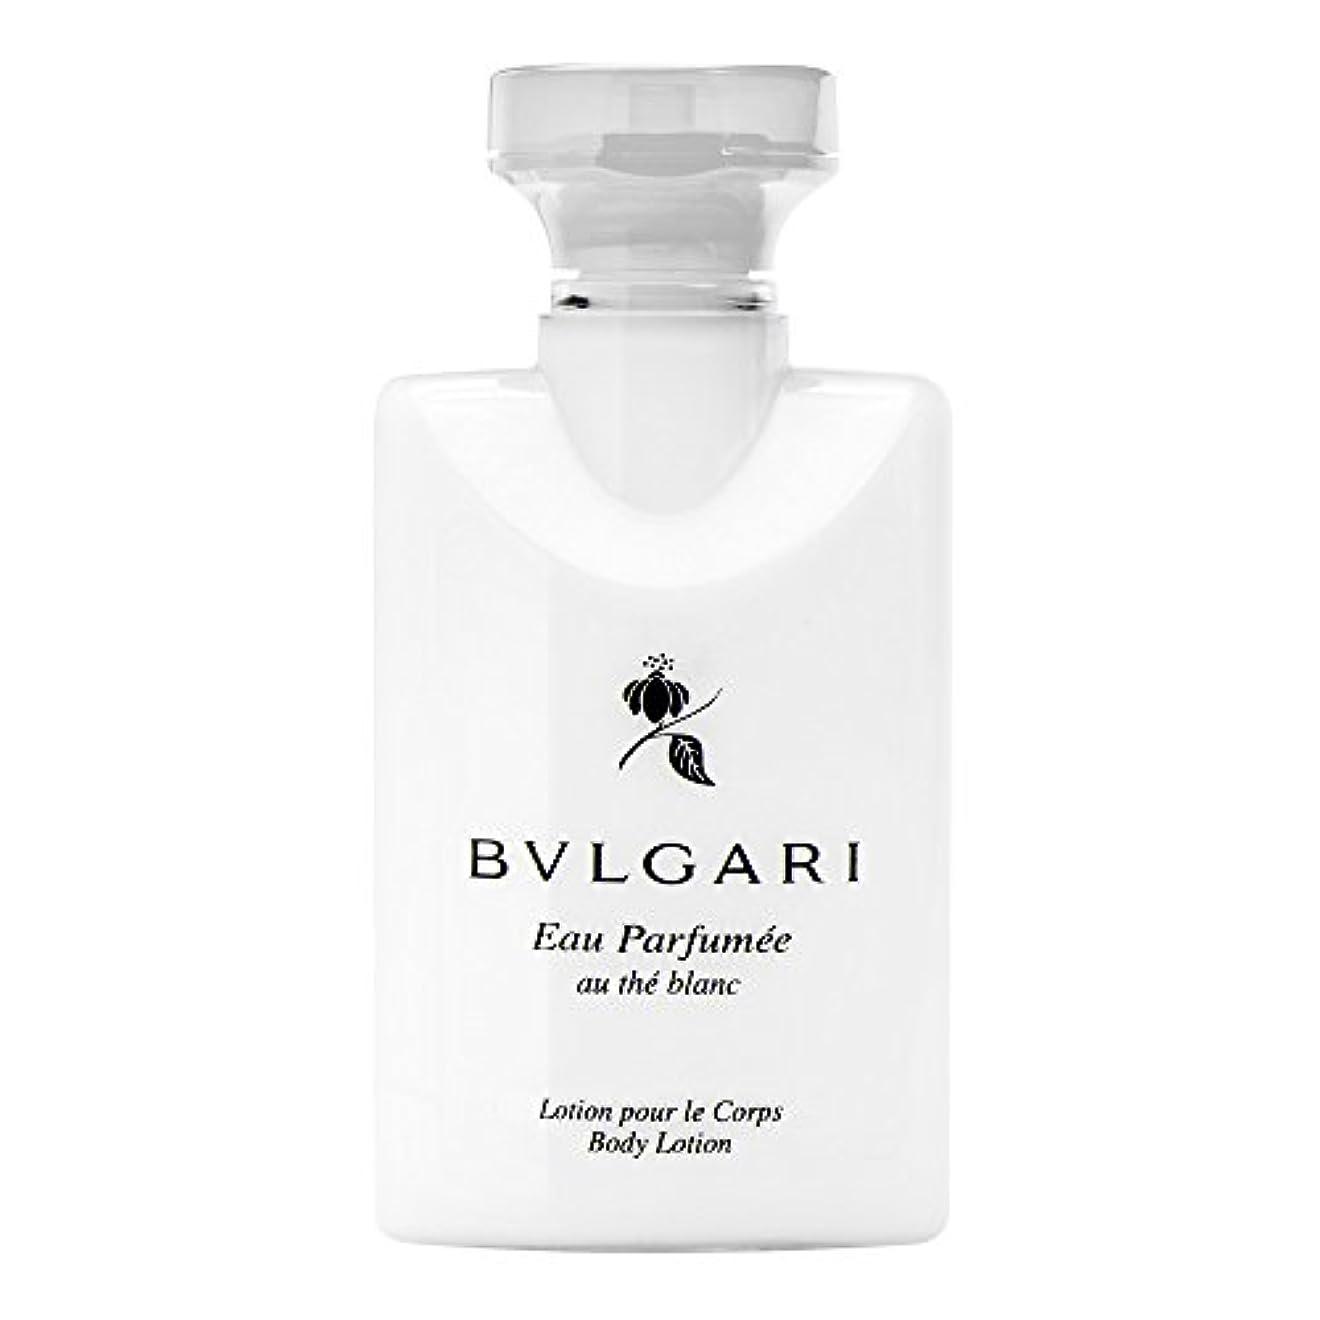 空のサイズはげBvlgari Eau Parfumee Au The Blanc (ブルガリ オー パフュ-メ オウ ブラン) 2.5 oz (75ml) Body Lotion ボディーローション